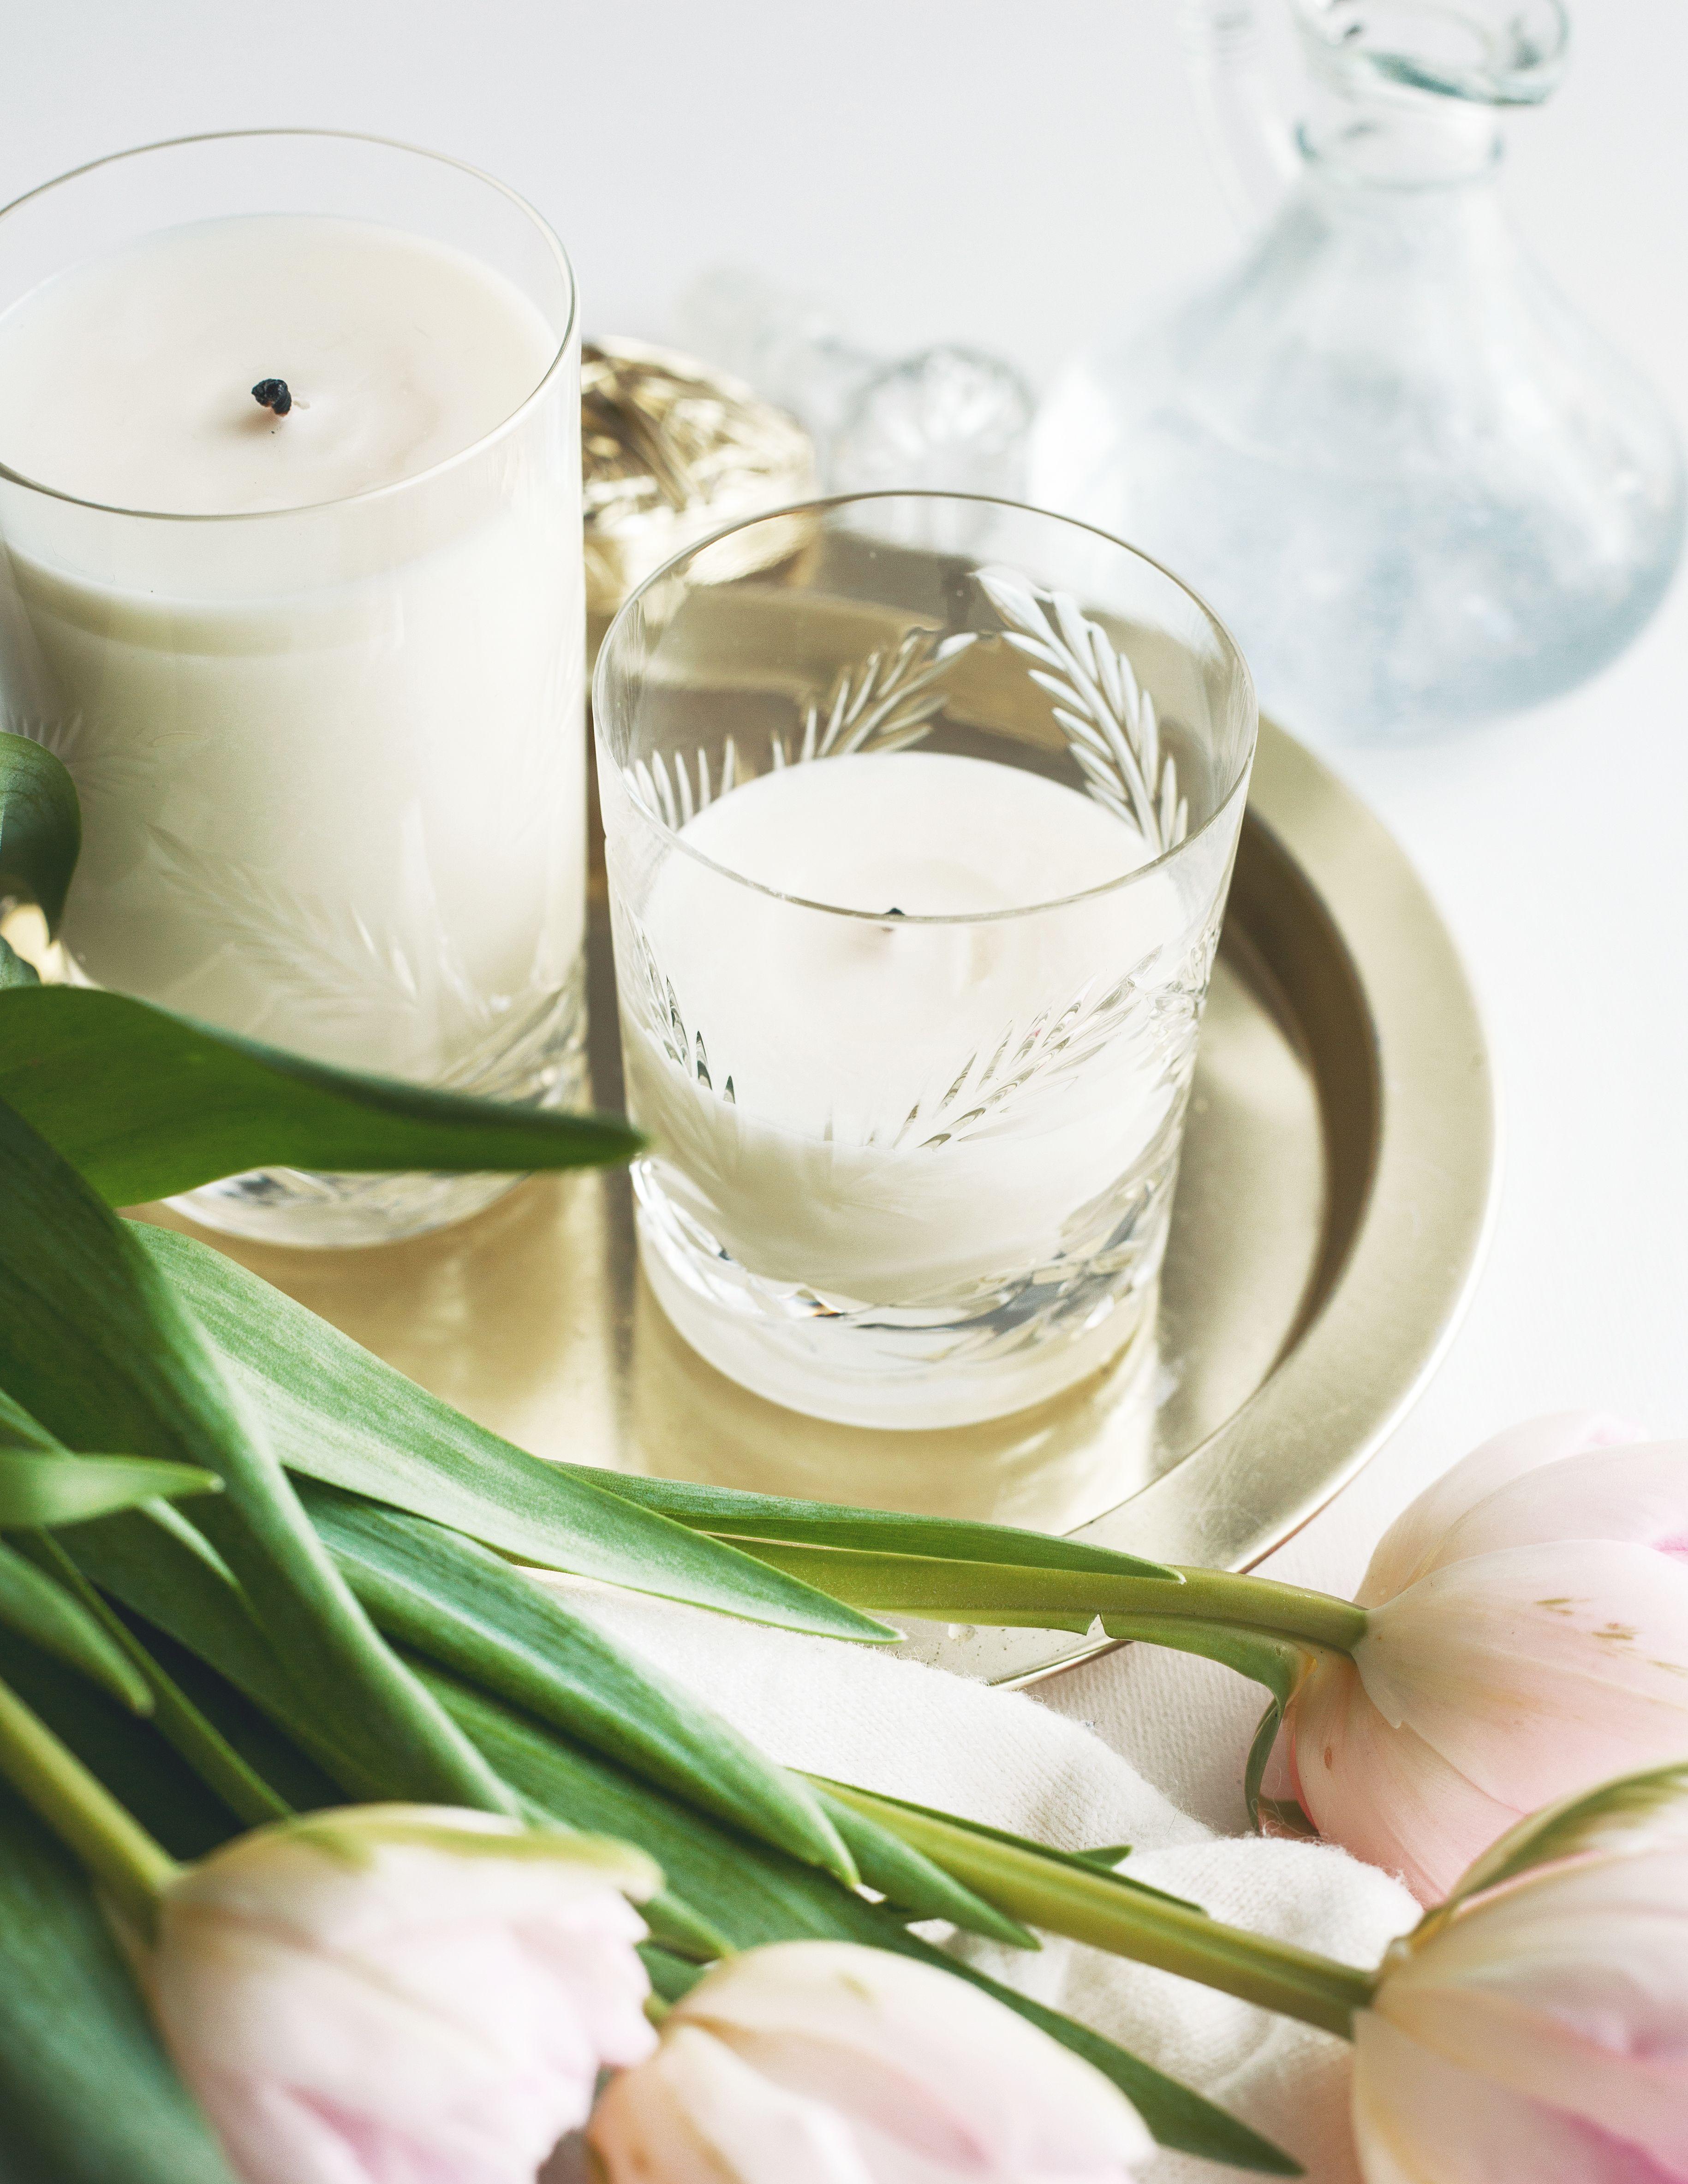 Swiece Zapachowe W Krysztale To Piekne Wyszukane Prezenty Dla